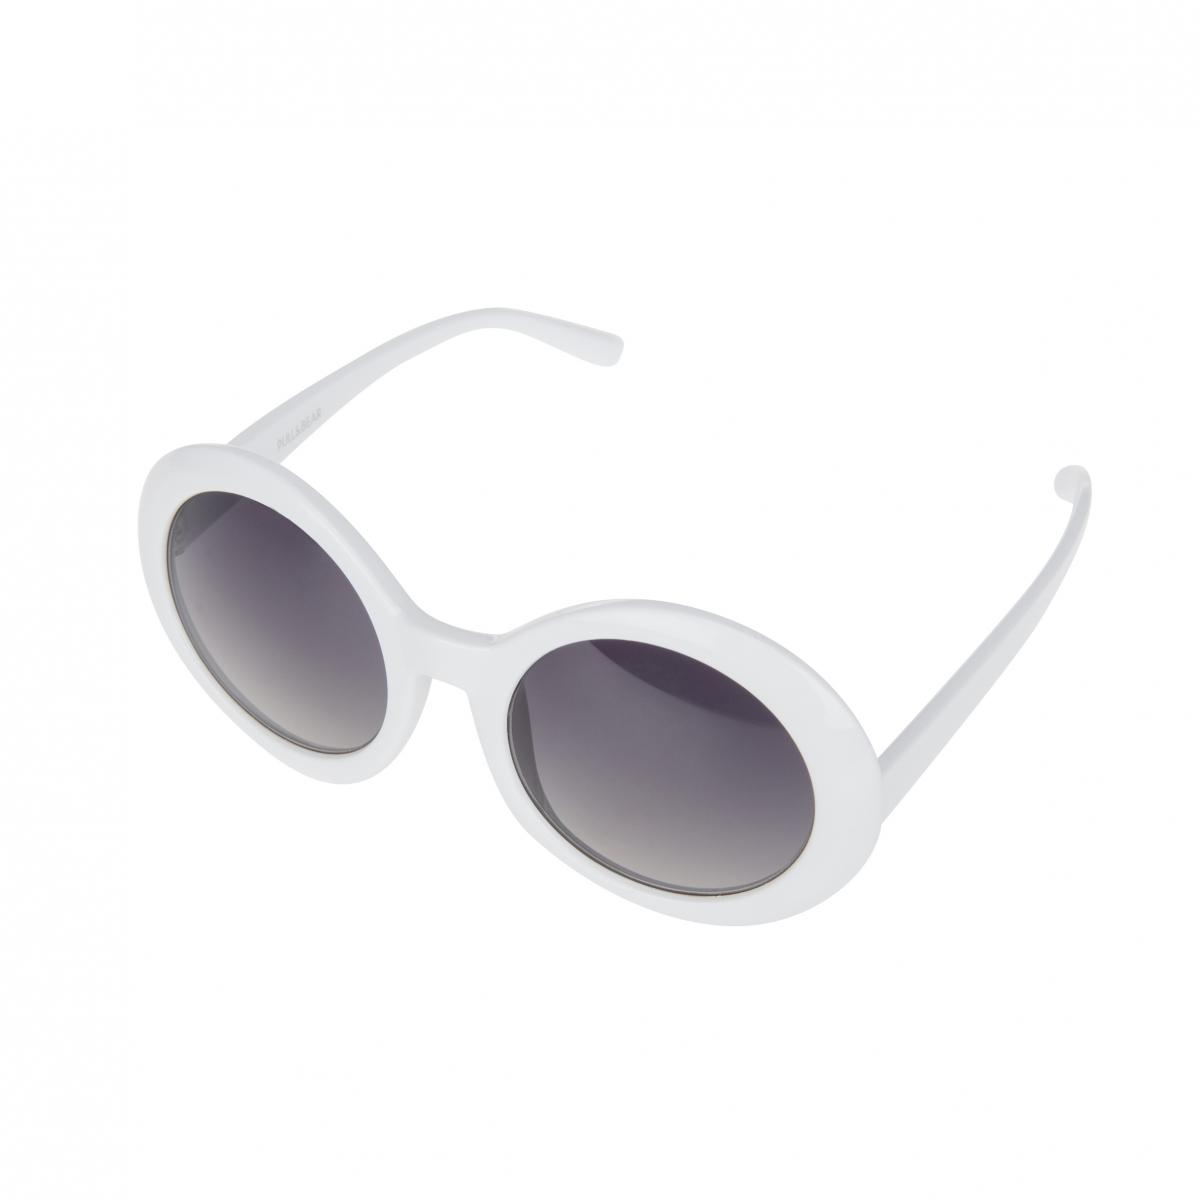 El único complemento que necesitas este verano son unas gafas ...